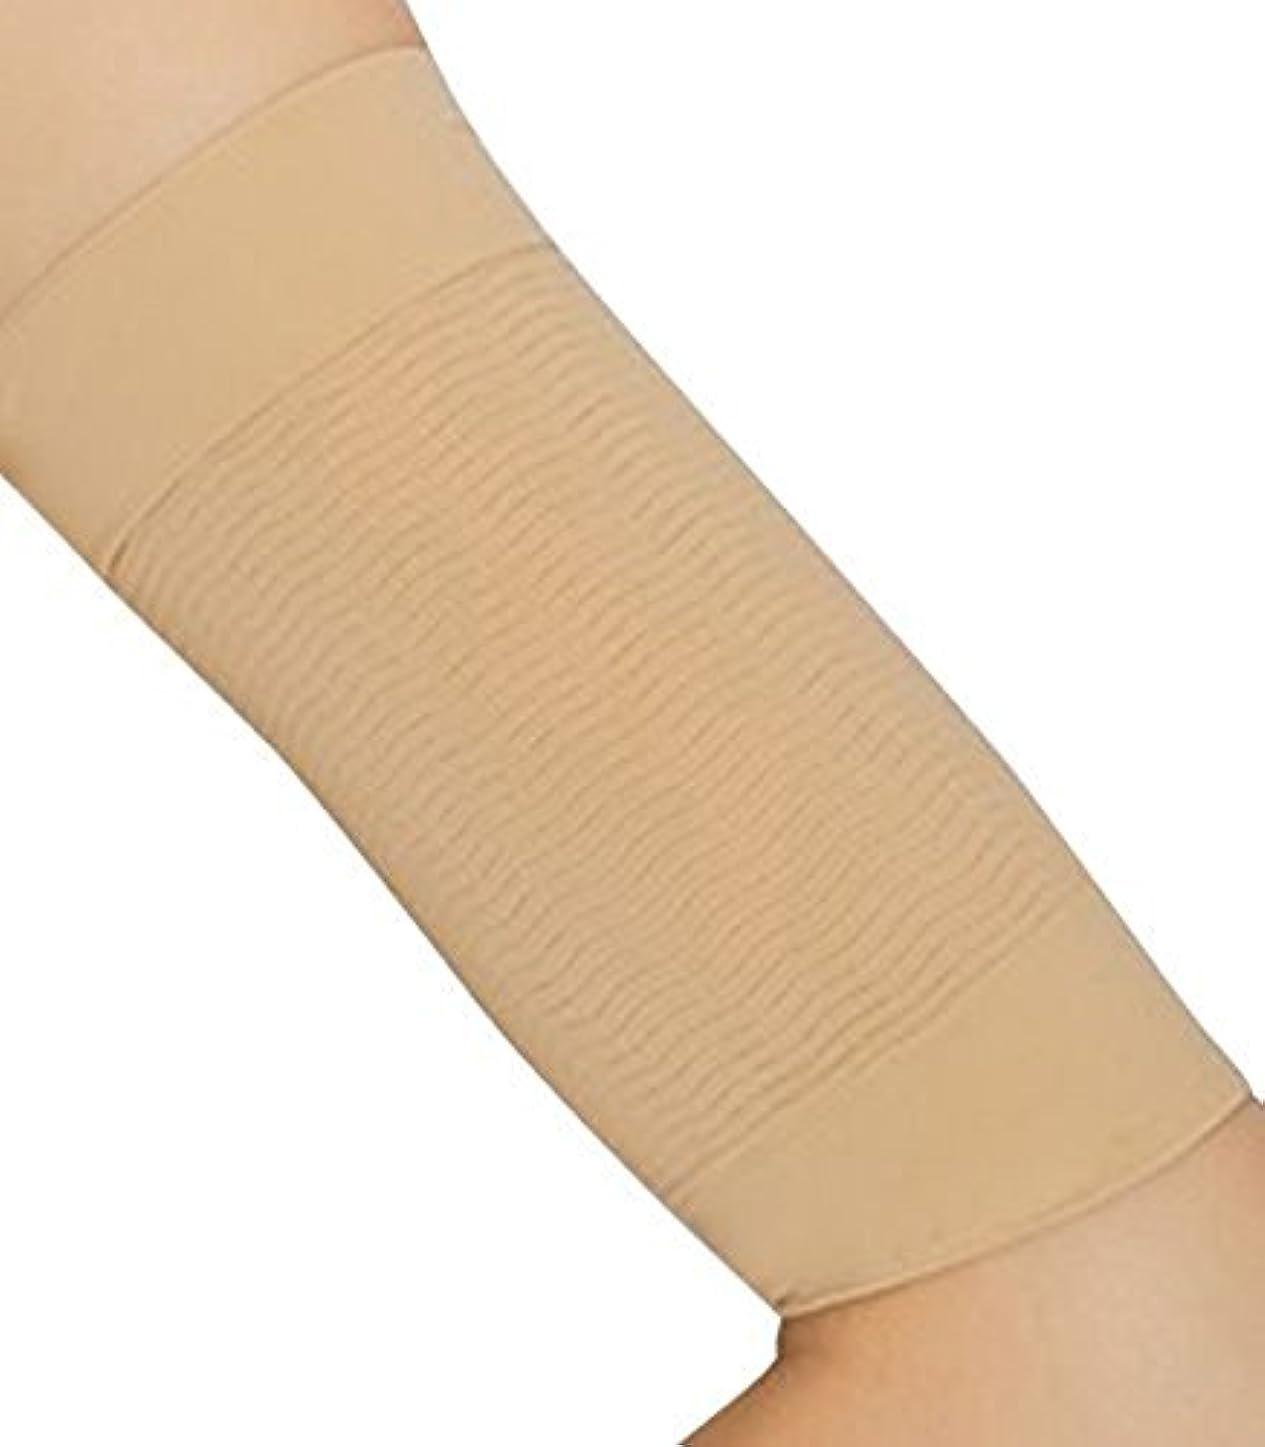 鎮静剤クロスアクティビティCREPUSCOLO 二の腕引き締め! 二の腕シェイパー 二の腕 引き締め 二の腕痩せ ダイエット 二の腕ダイエット インナー シェイプアップ 脂肪燃焼 セルライト 加圧下着 (ベージュ)